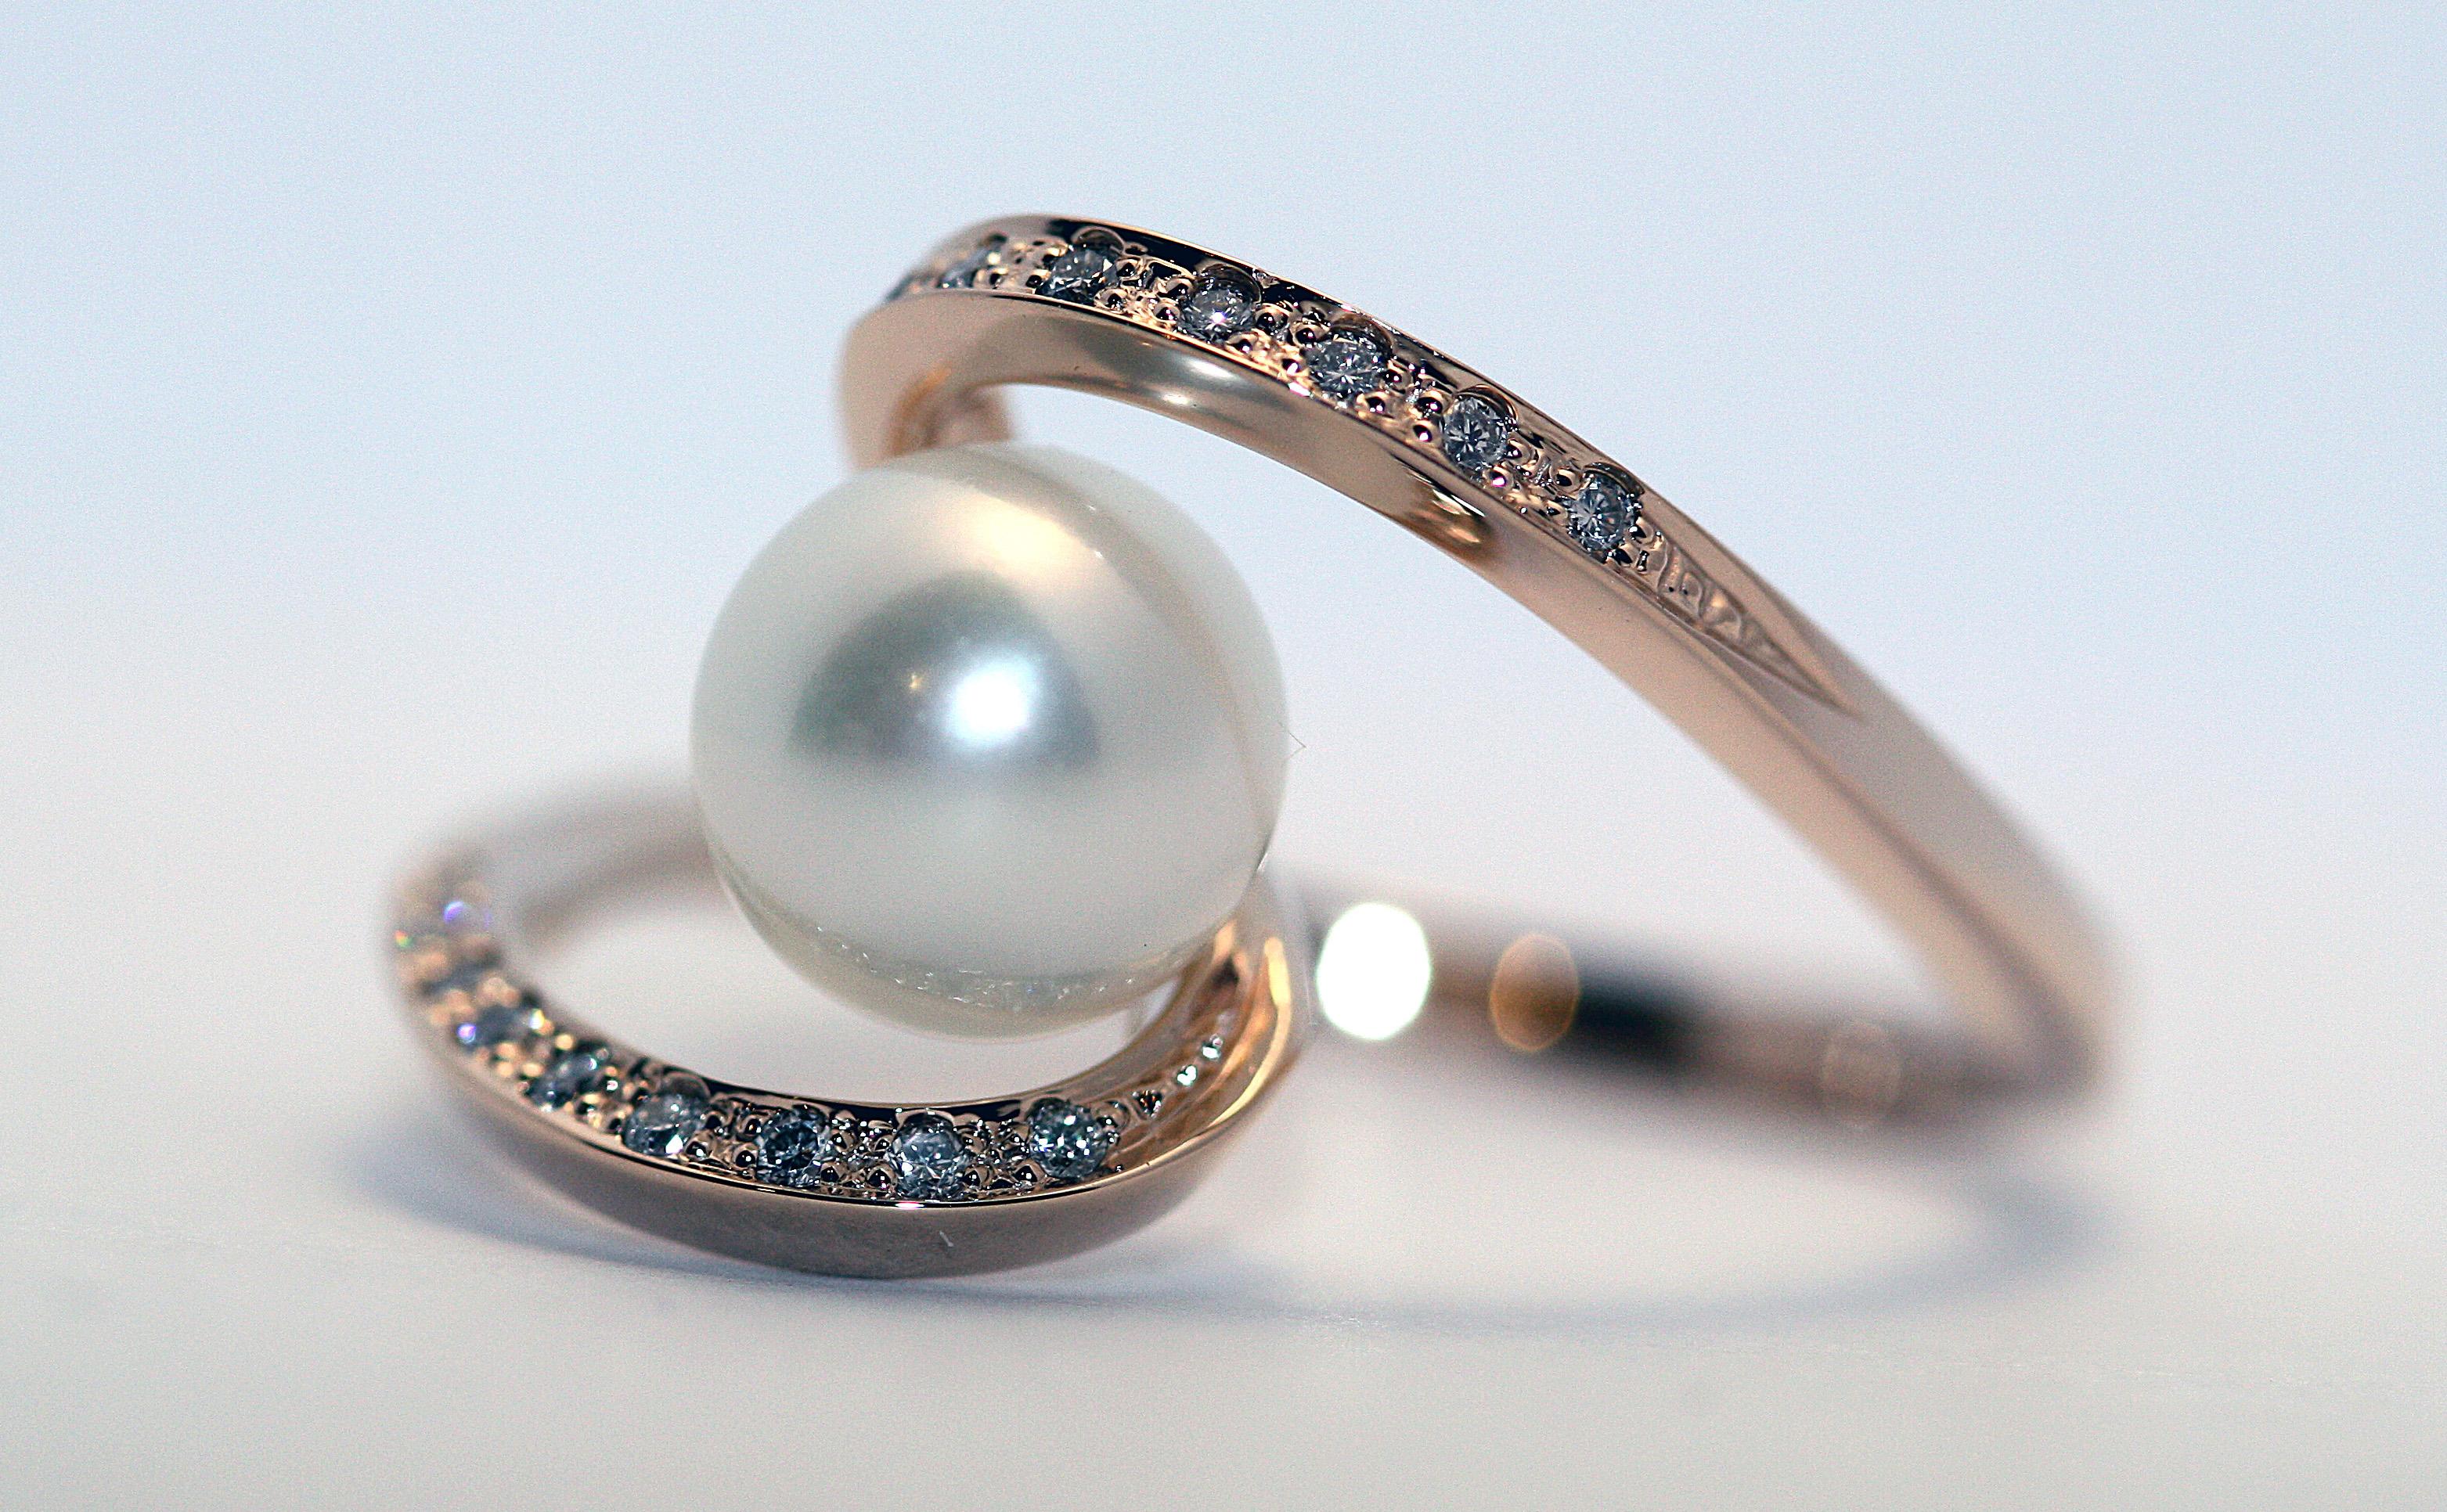 Золотое кольцо «Пружинка» с жемчугом и бриллиантами Золотые кольца,  Бриллианты, Жемчуг 4a0eb7801f3